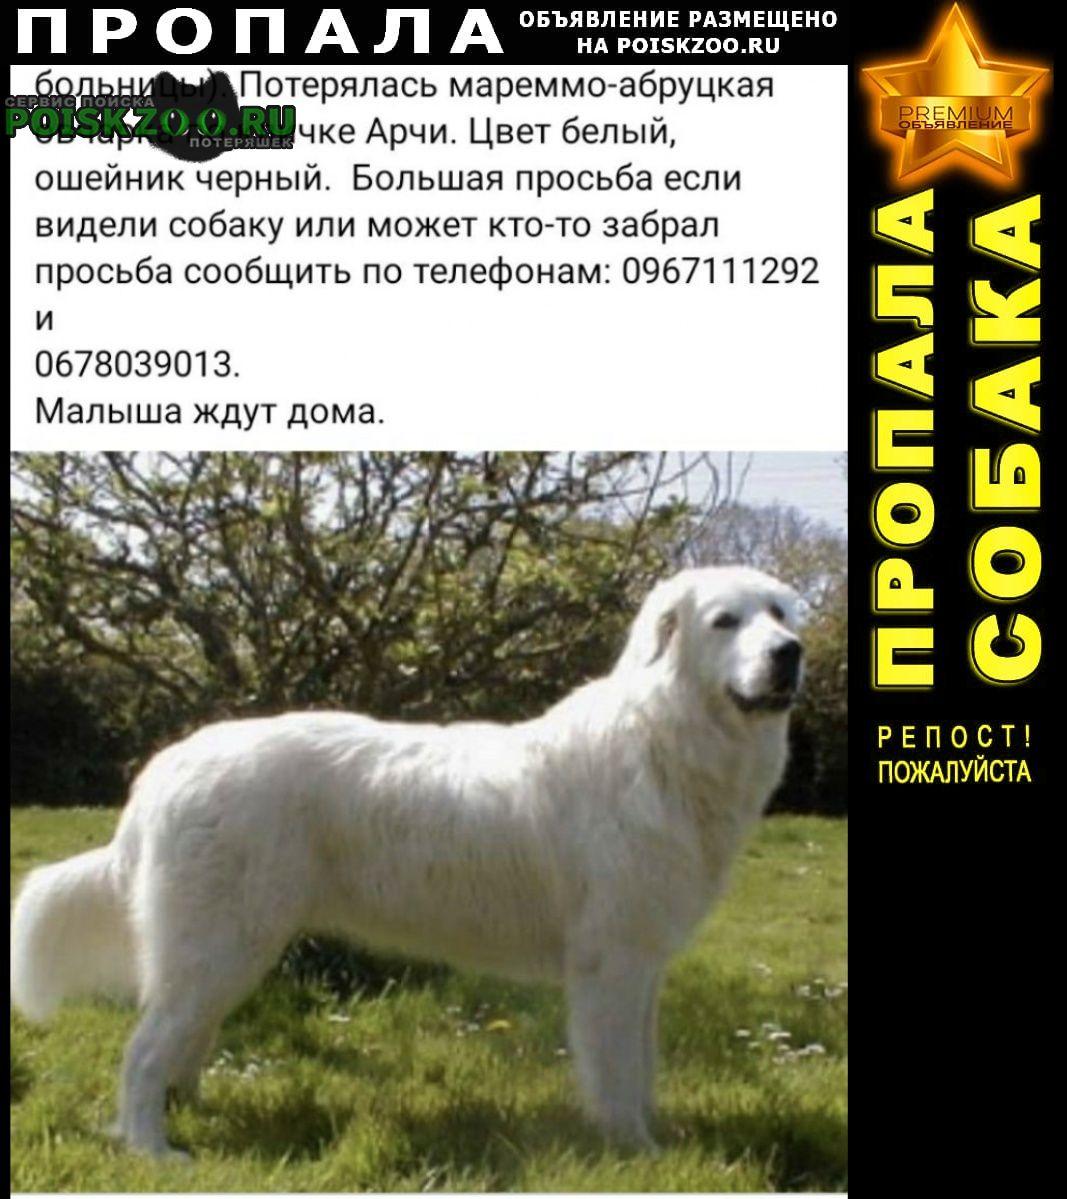 Пропала собака пожалуйг, помогите найти собаку Мариуполь